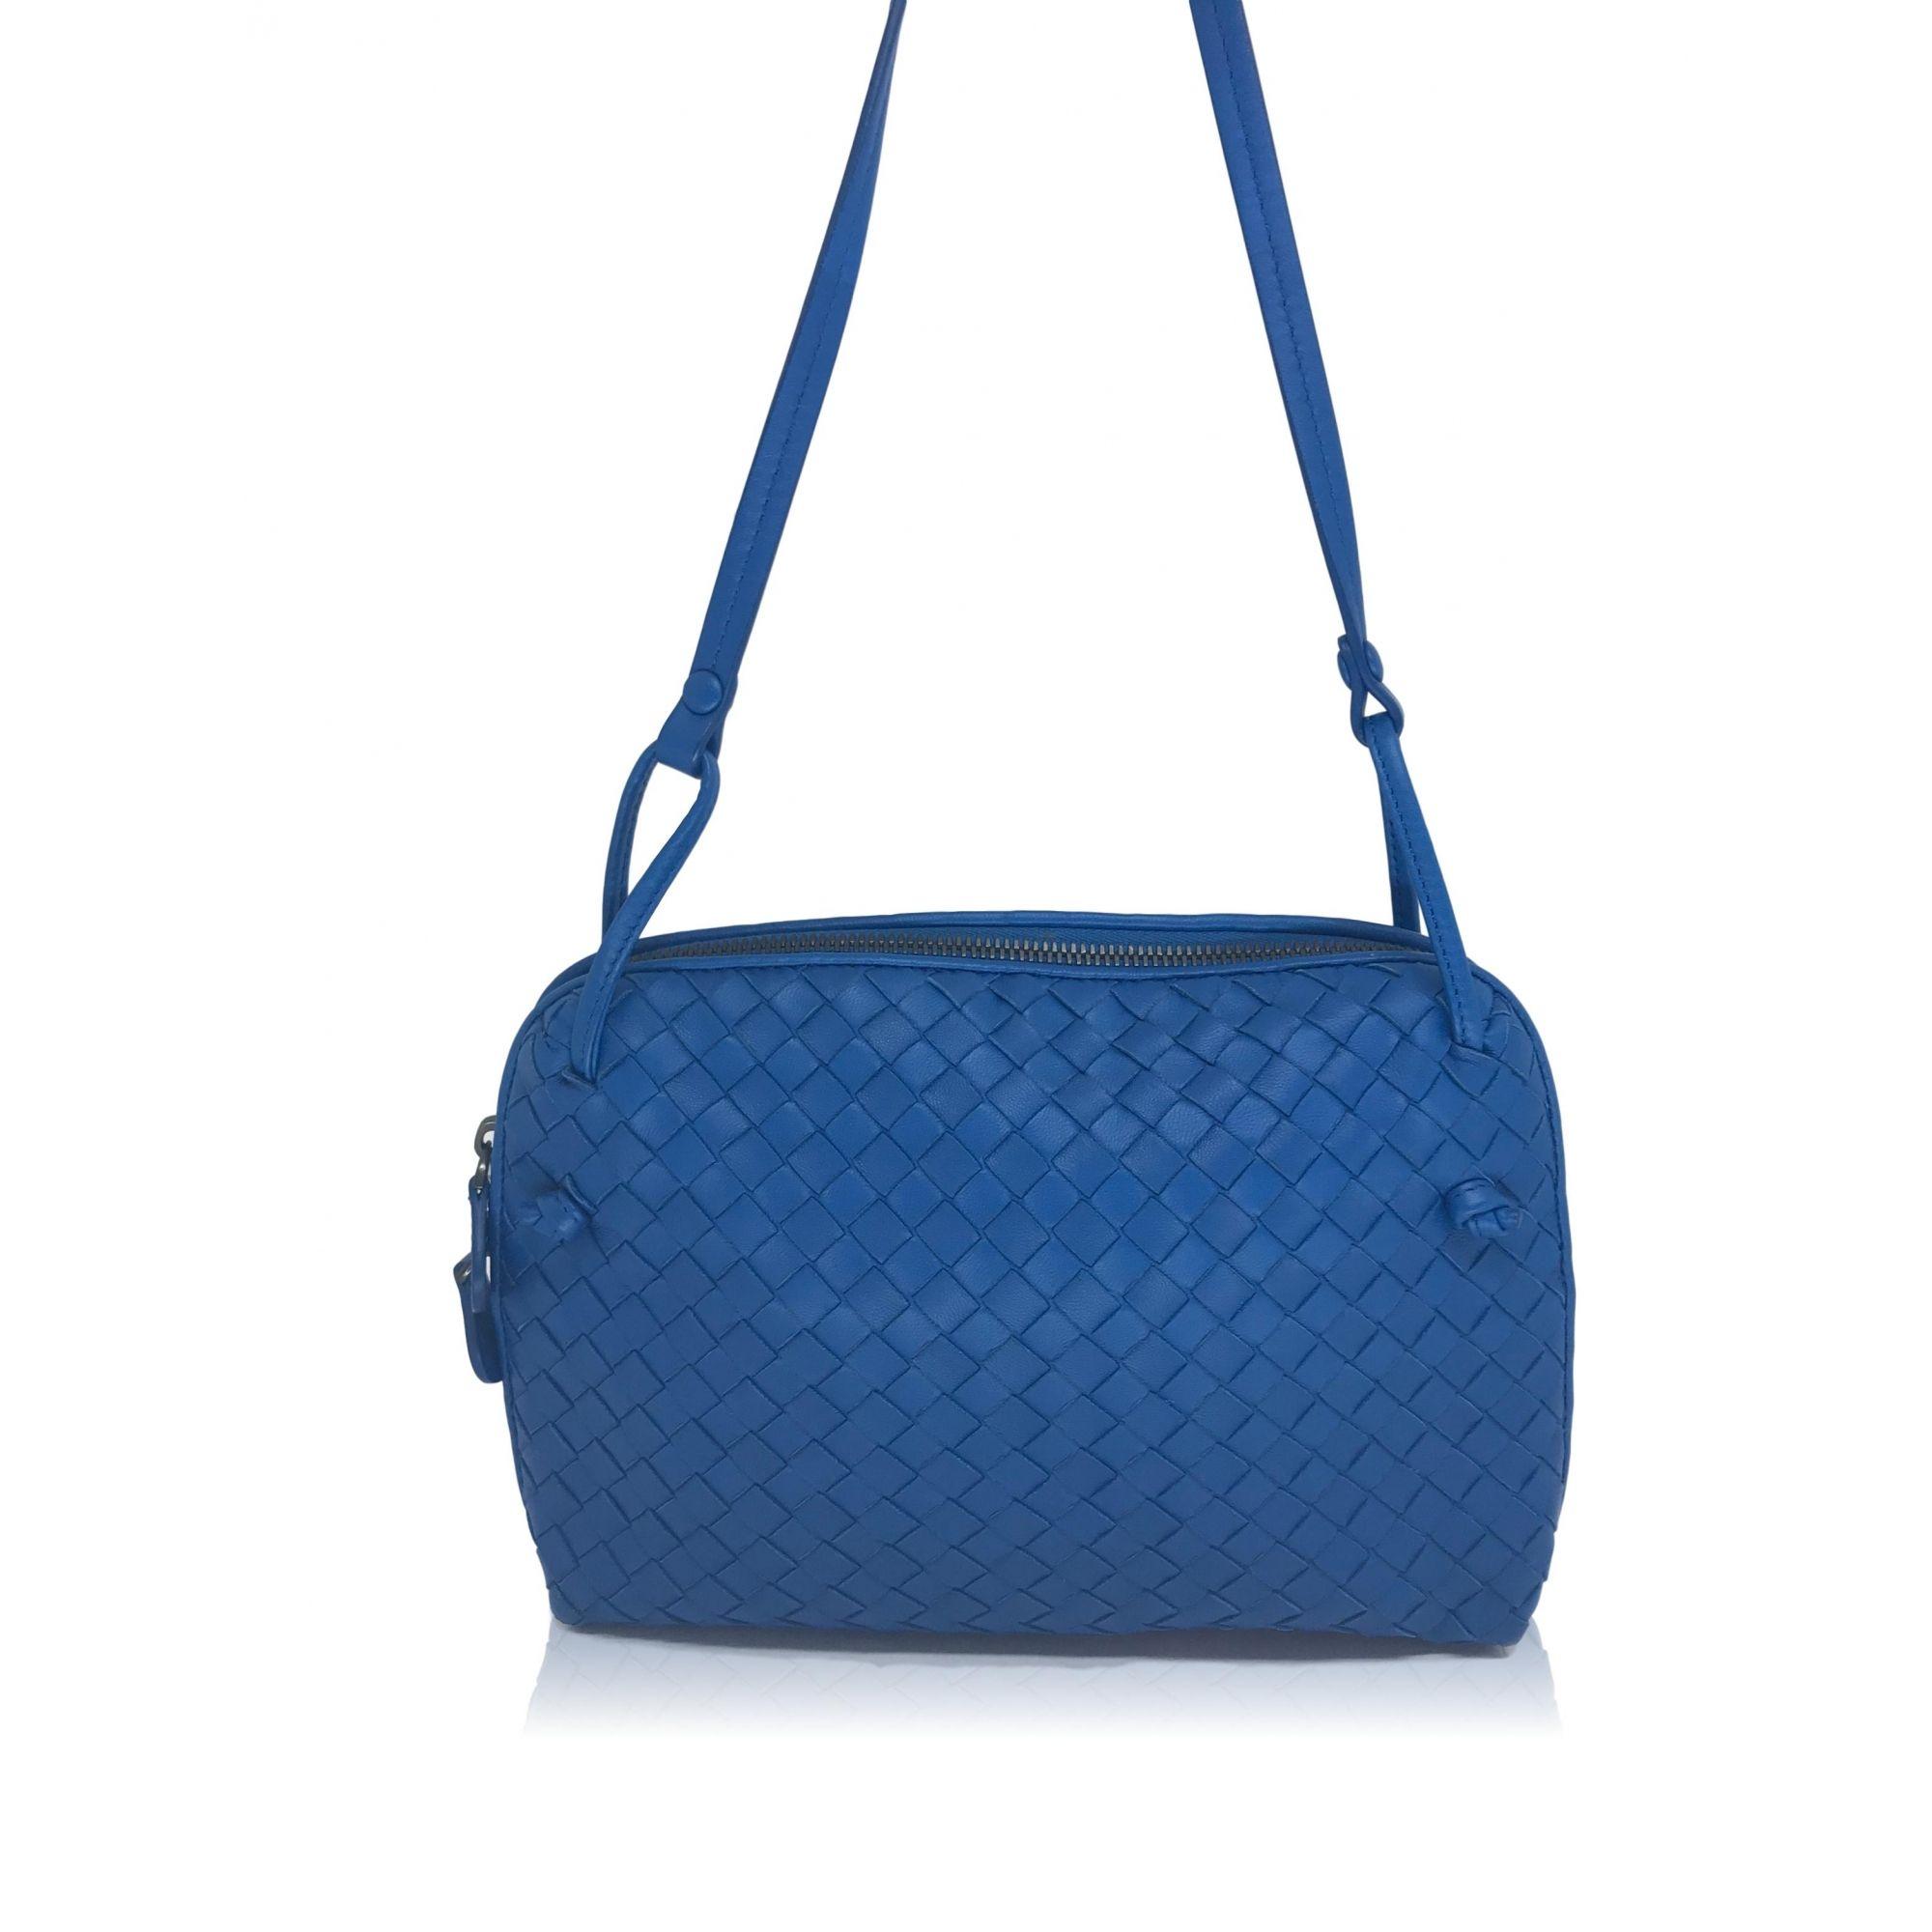 8e523d894 Bolsa Prada Azul Royal Saffiano - Paula Frank   Bolsas de luxo ...